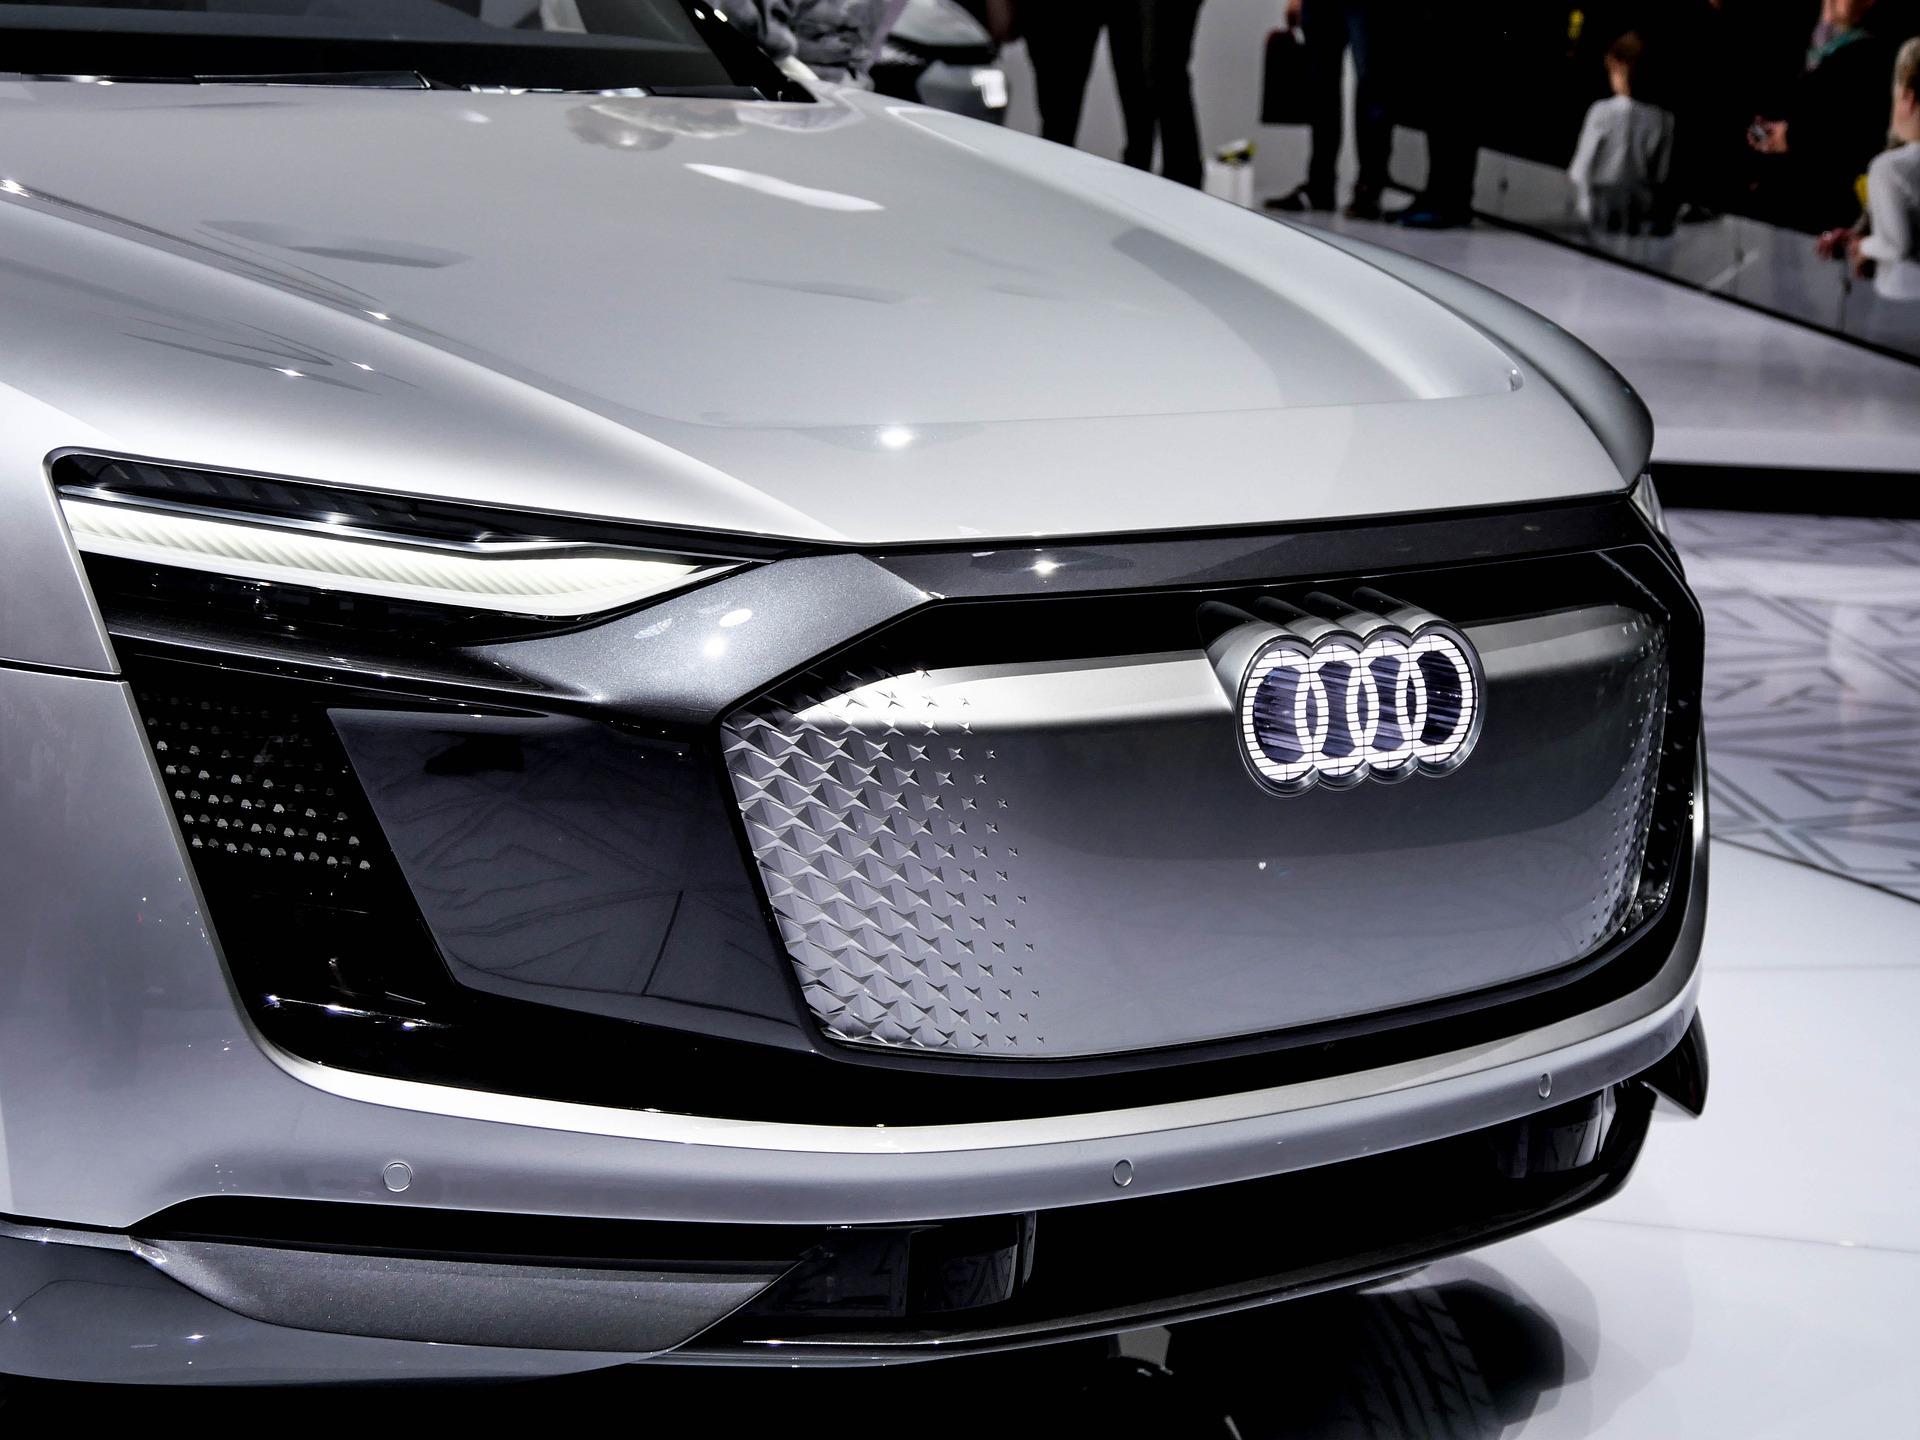 Présentation du modèle présenté au Salon de Genève 2019, l'Audi Q4 e-tron Concept